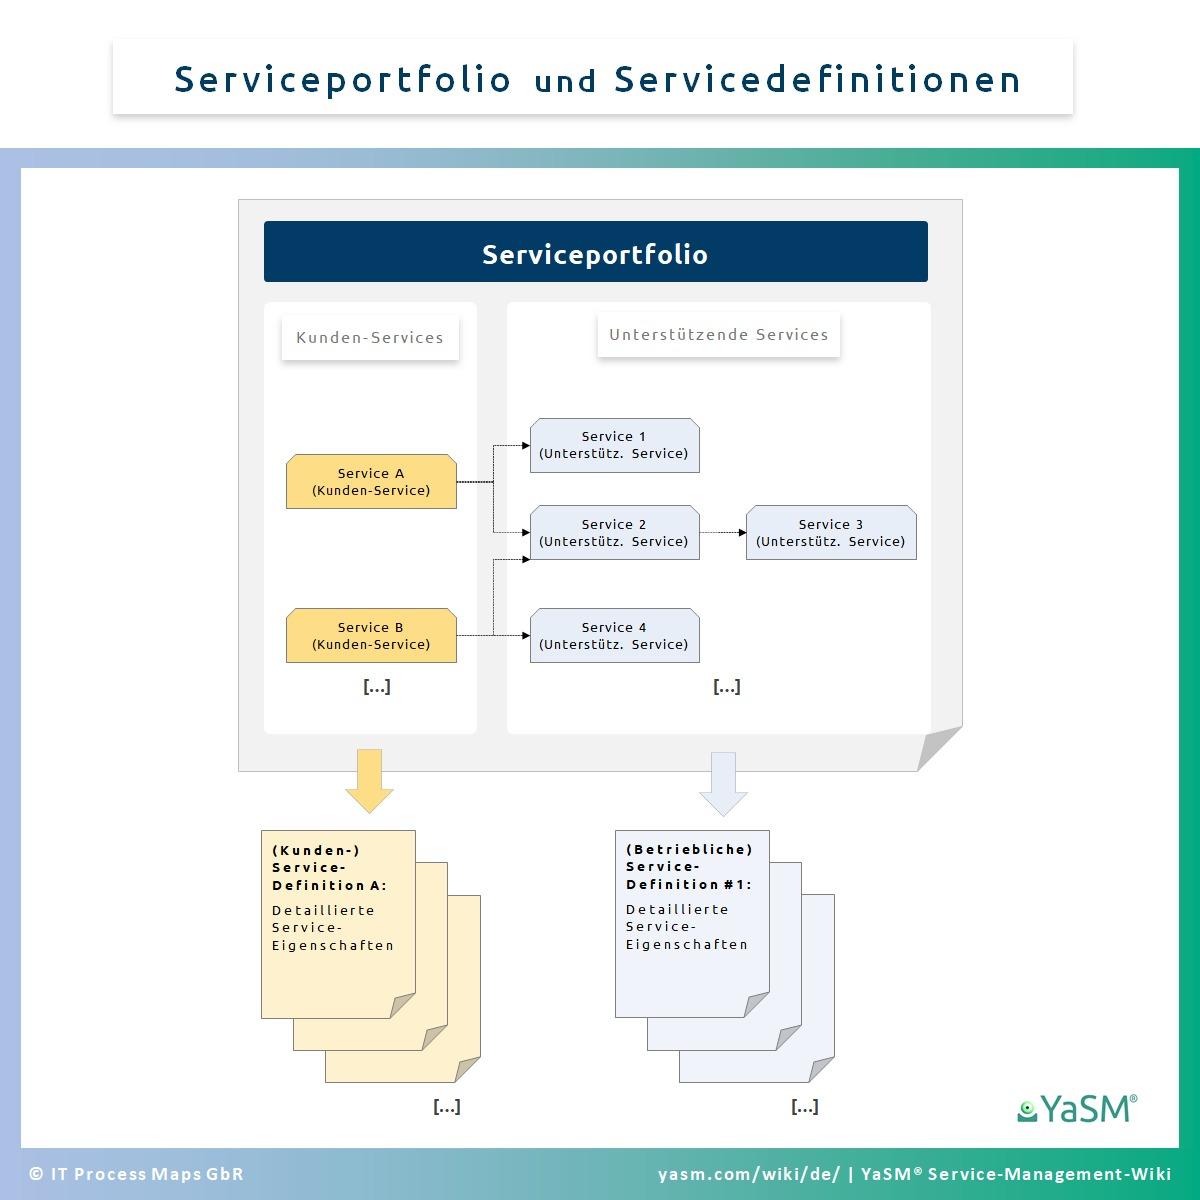 Serviceportfolio und Servicedefinitionen. - YaSM-Konzepte.